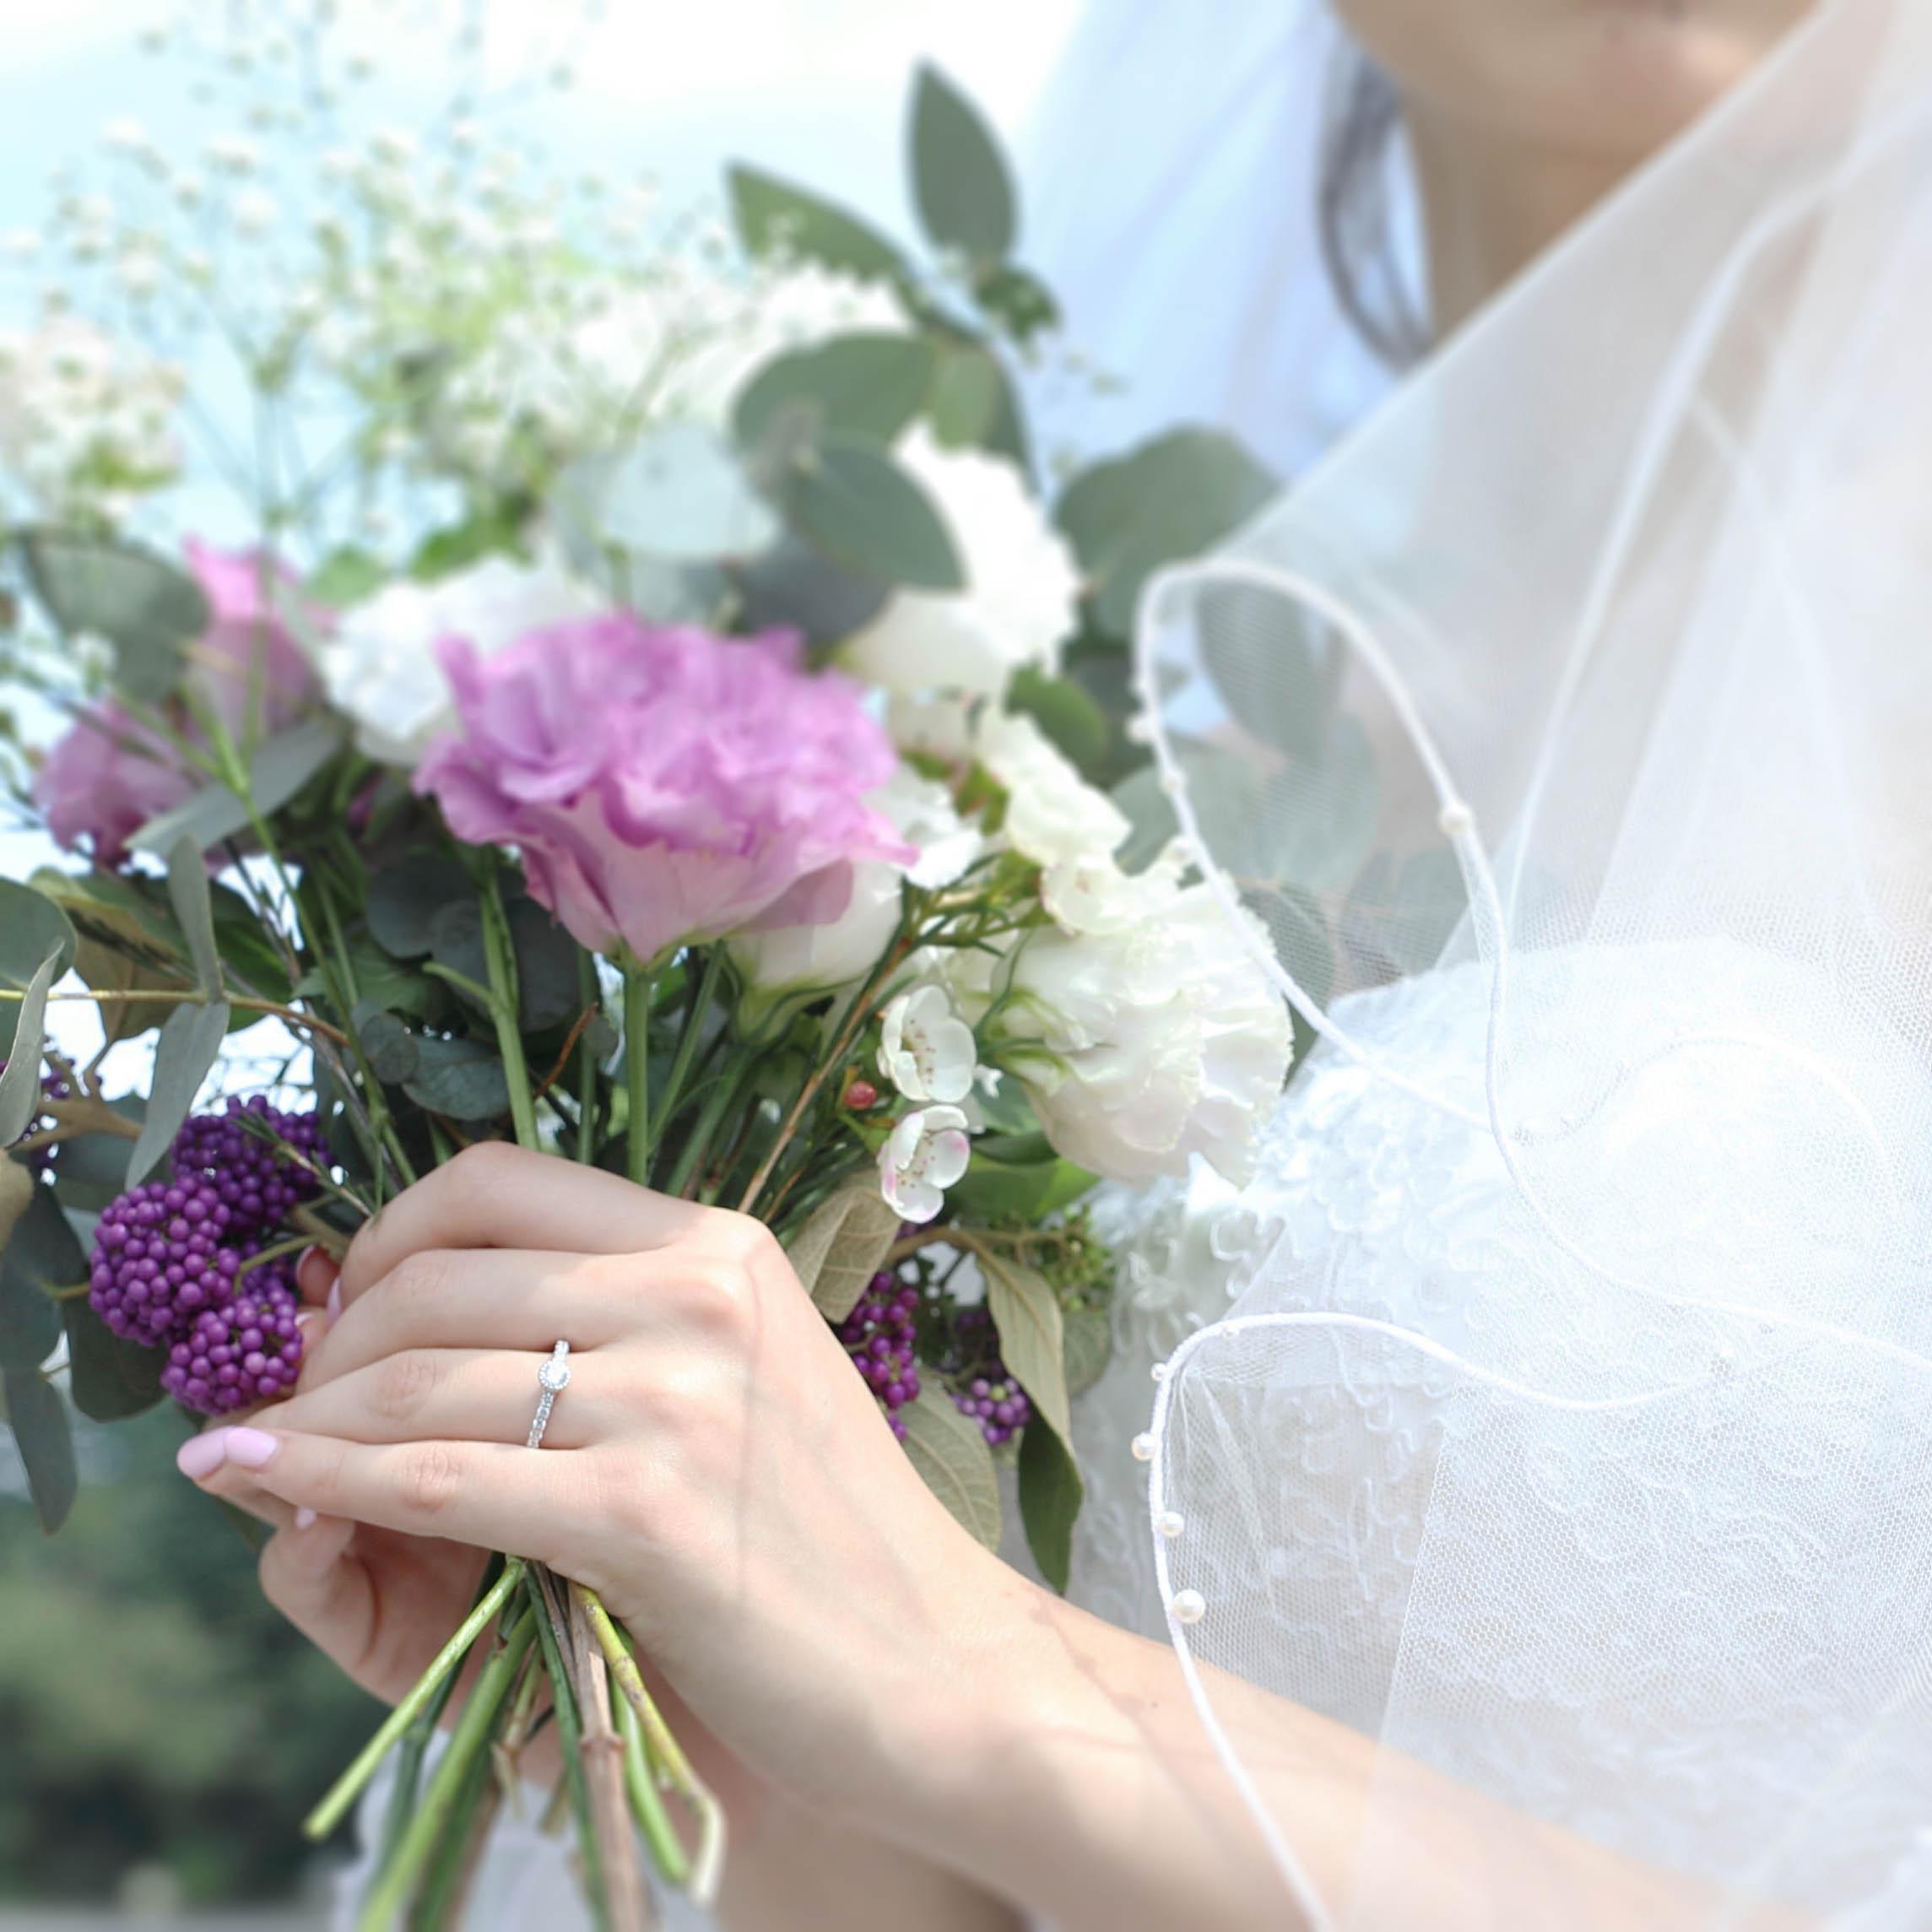 紫のお花と婚約指輪 結婚式のブーケ